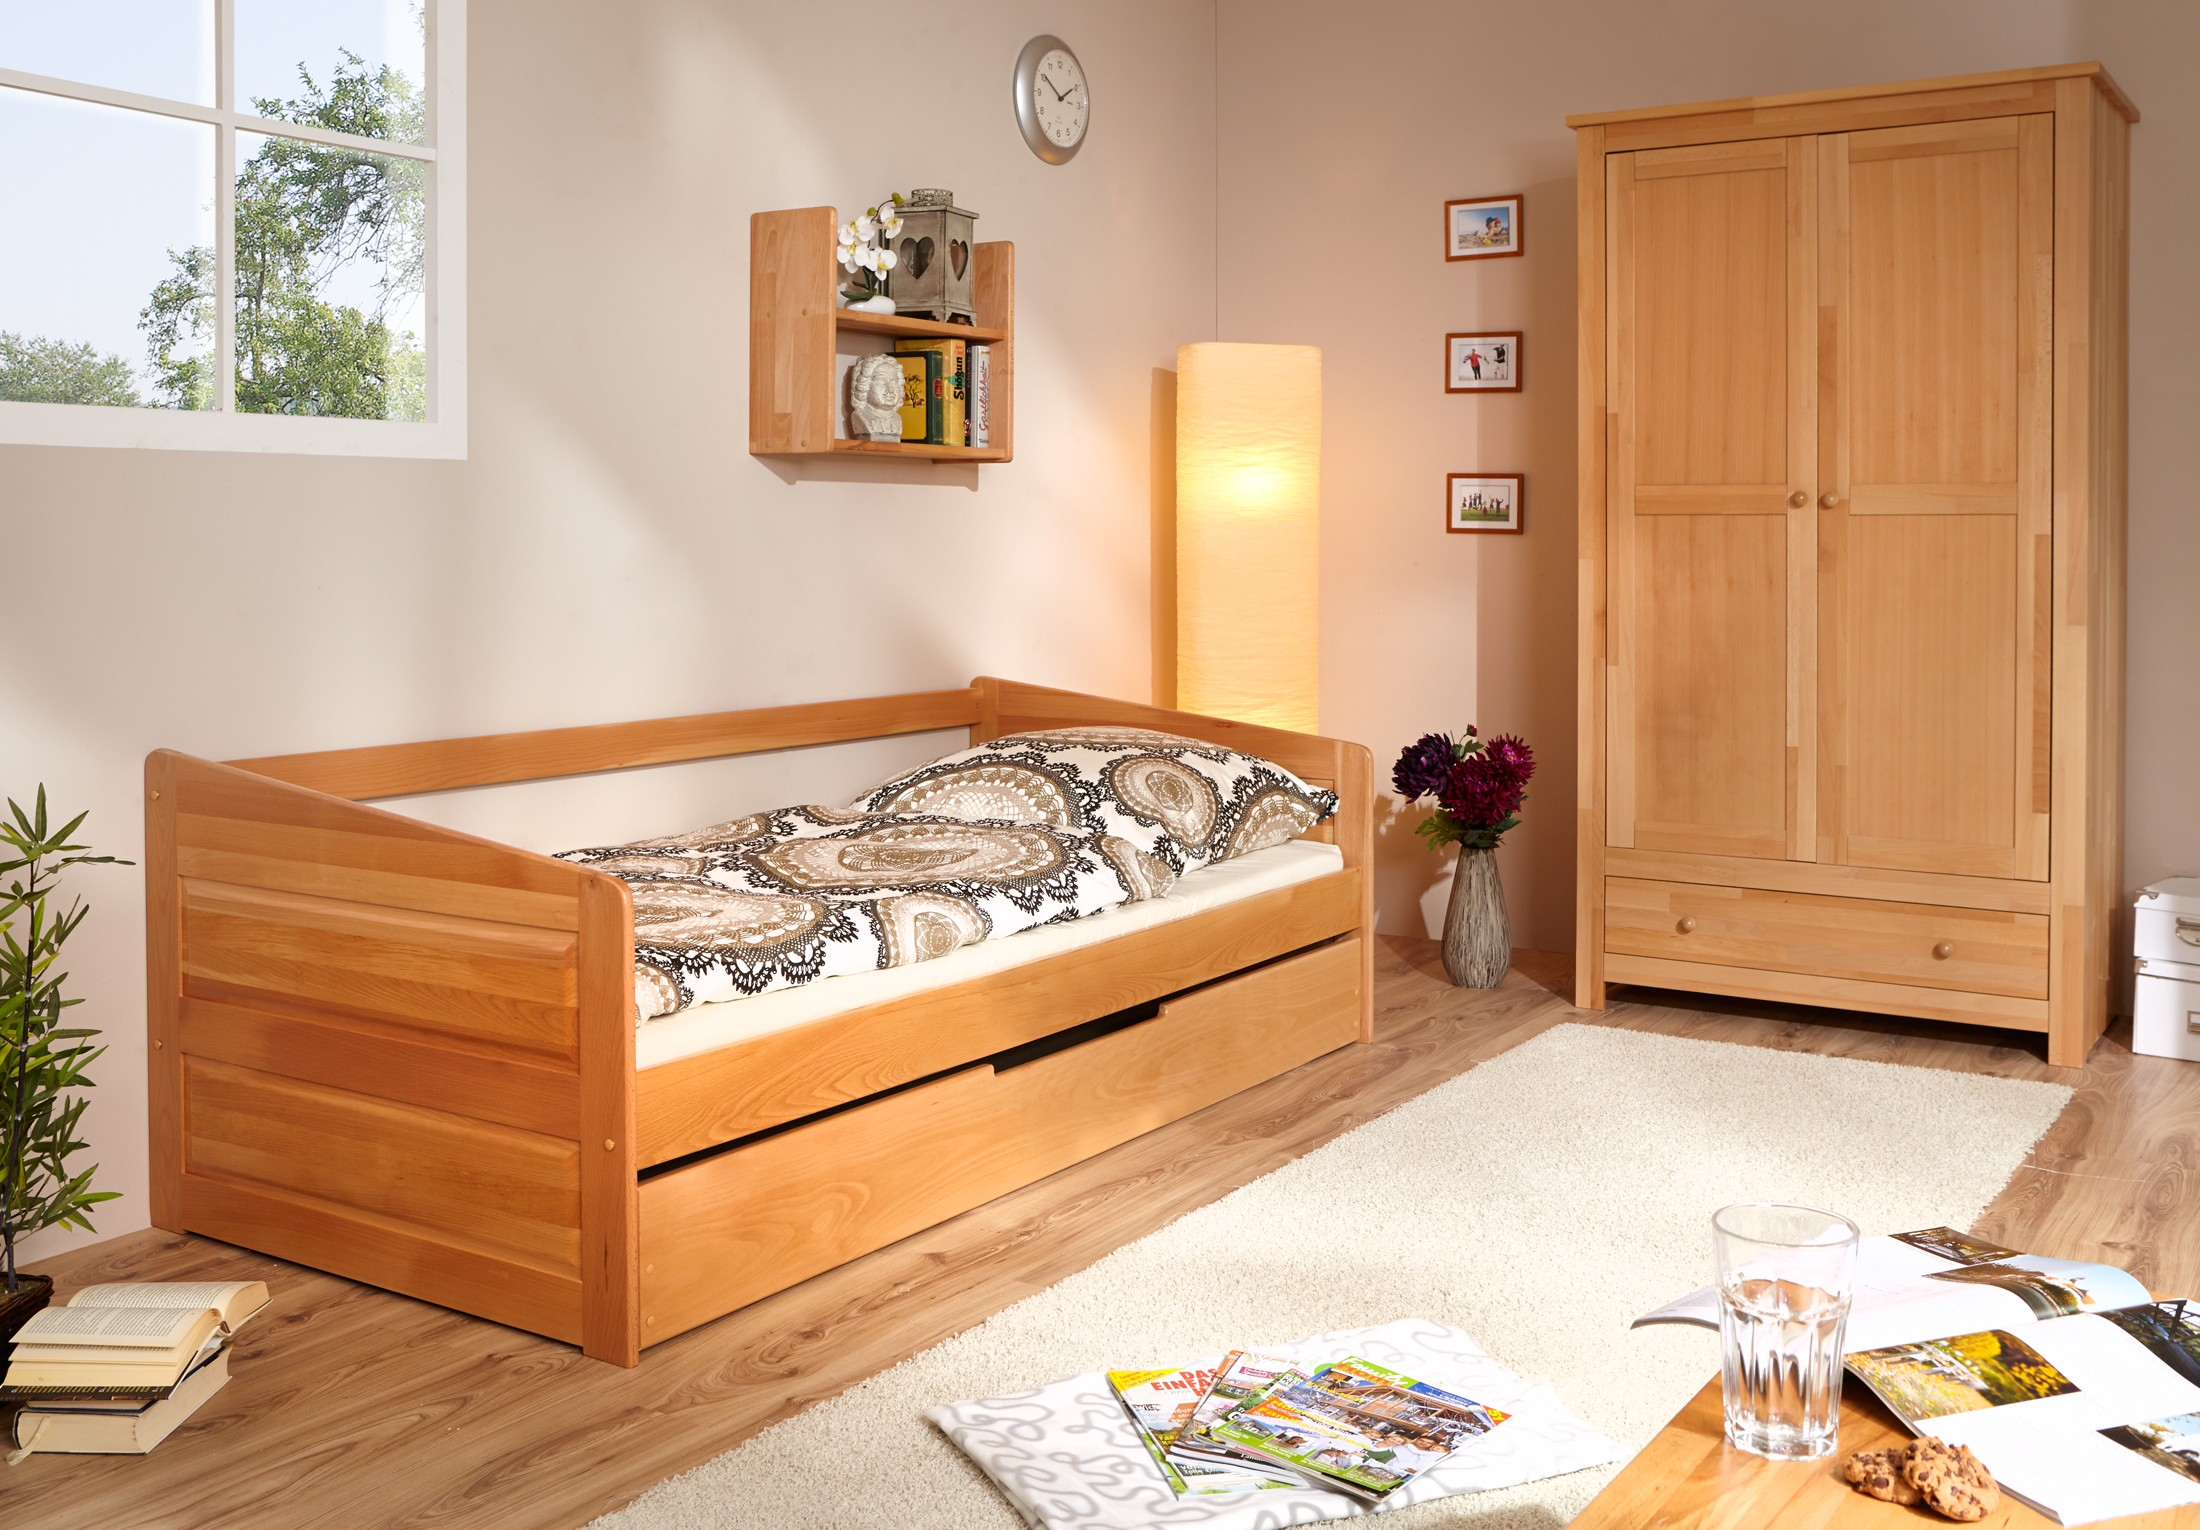 Sofabett mit auszug buche natur h c m bel for Sofabett jugendzimmer